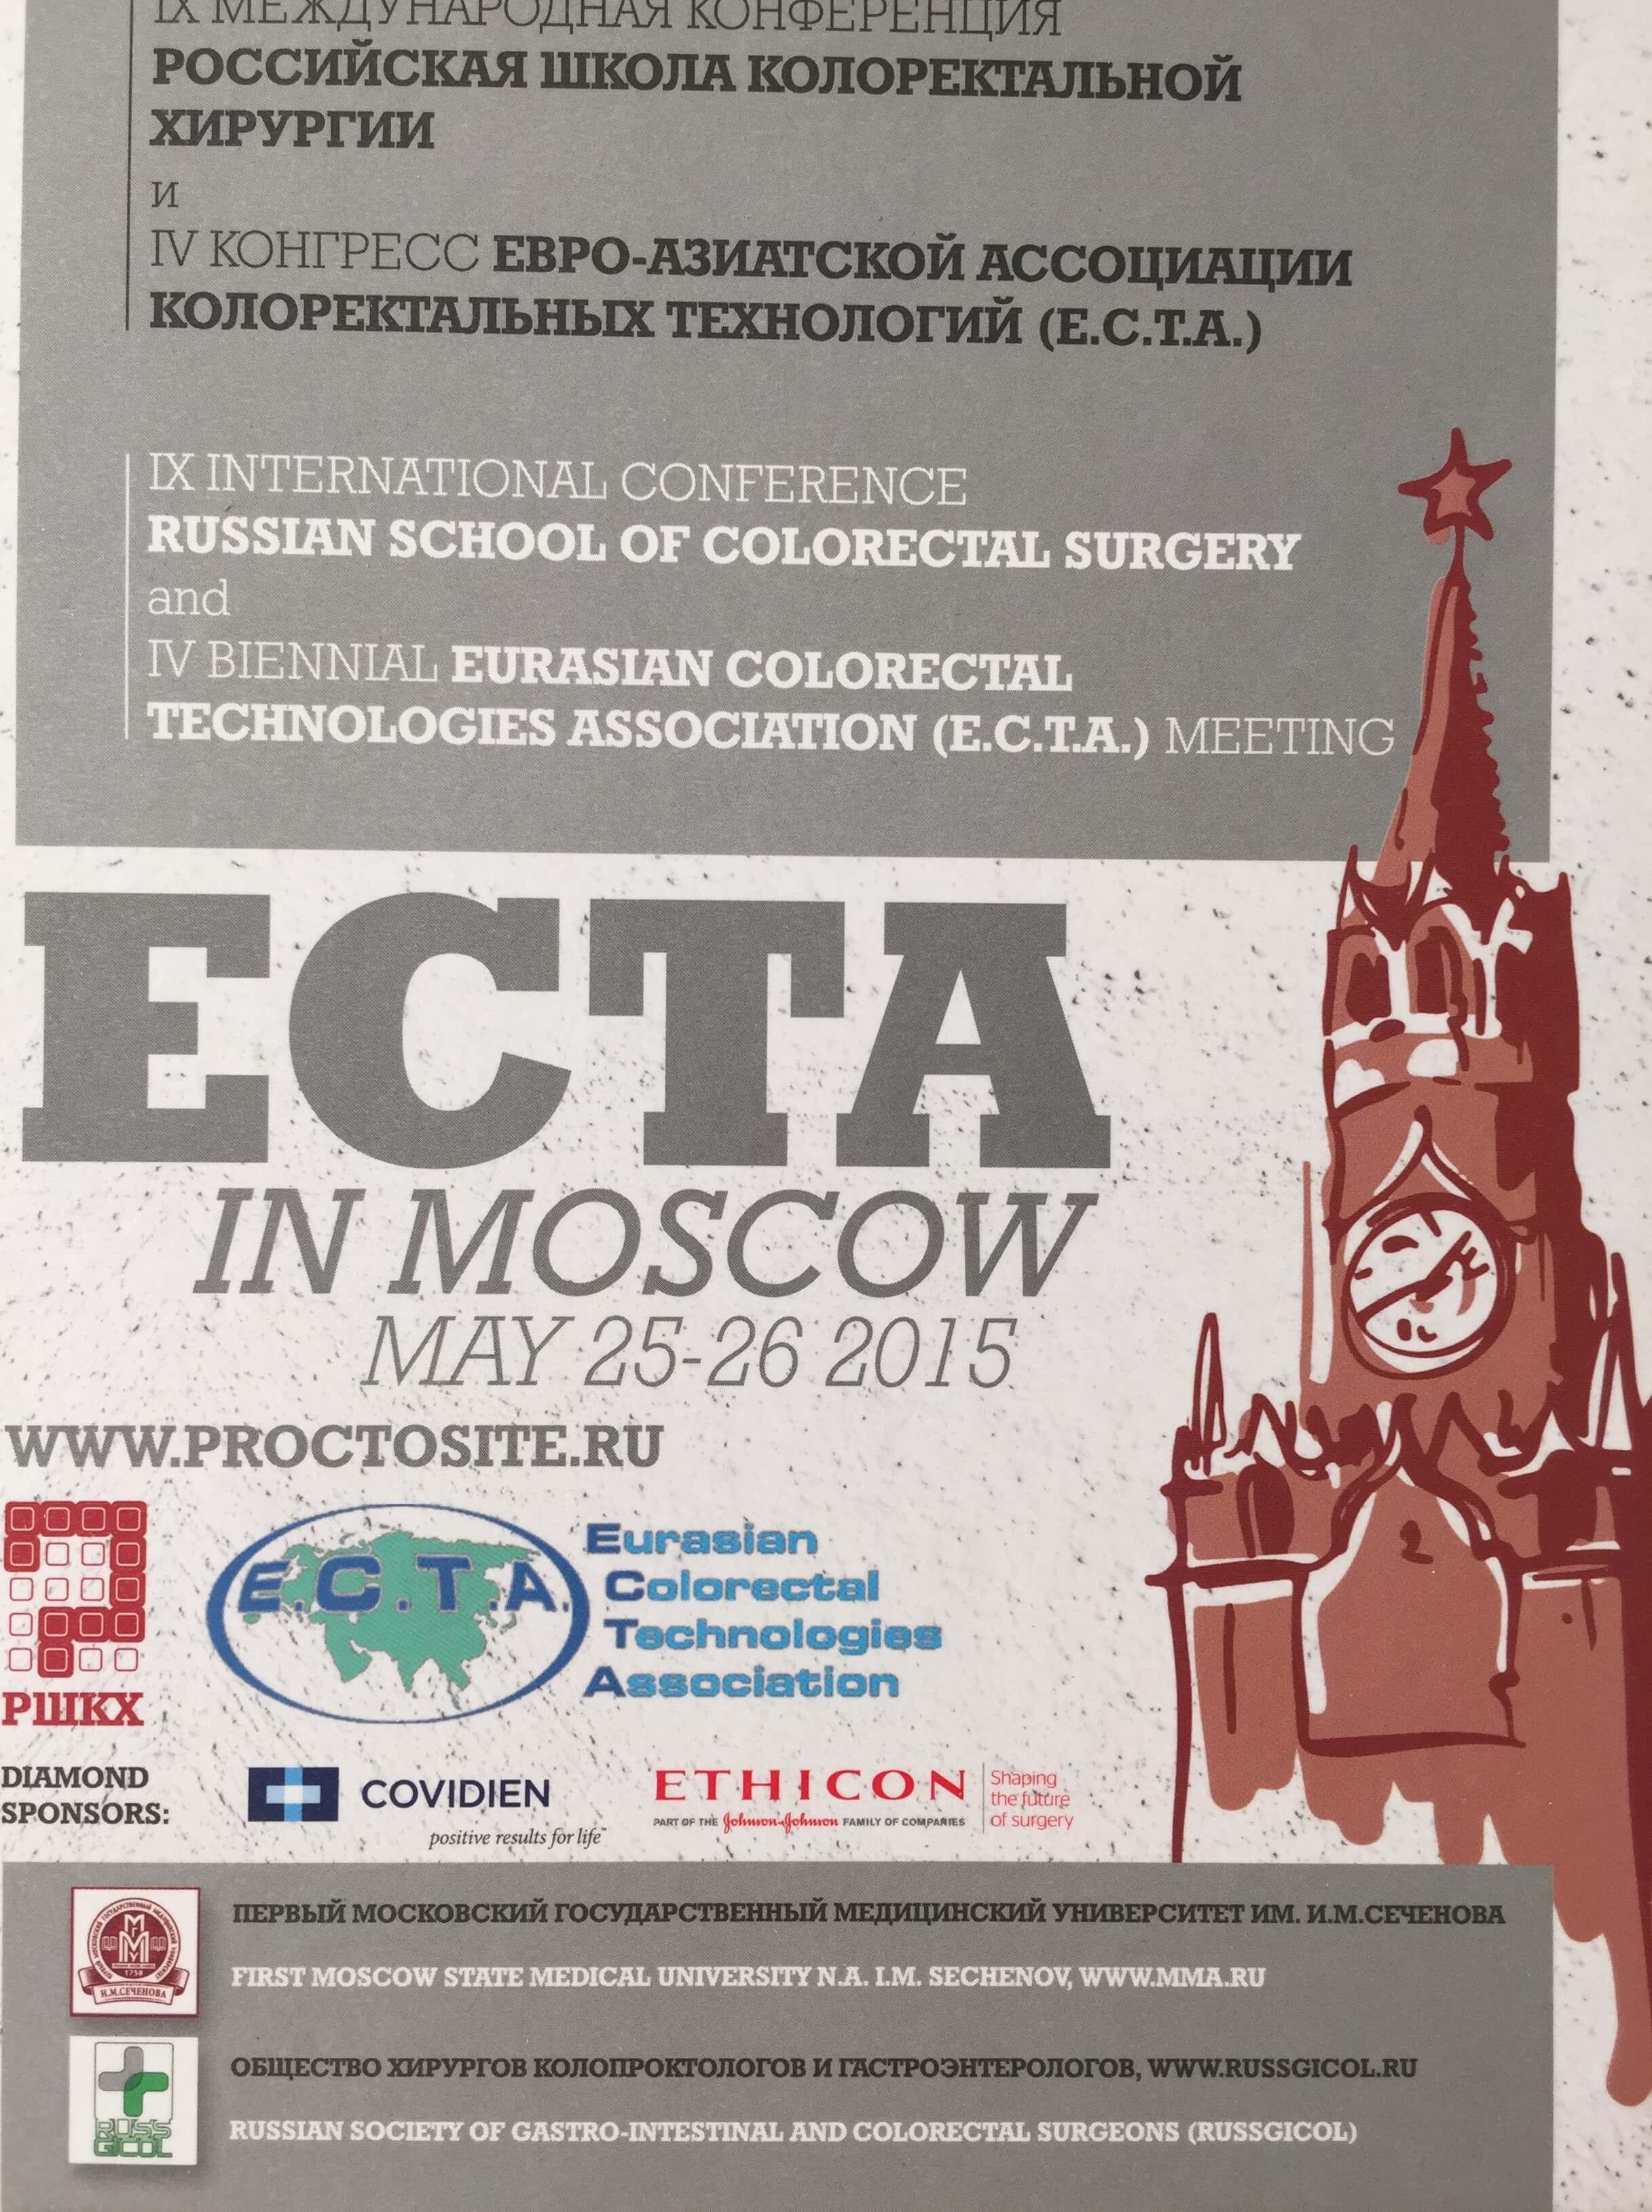 9 международная конференция «Российская школа колоректальной хирургии и 4-й конгресс Евро-азиатской ассоциации колоректальных технологий (E.C.T.A.)» (Москва, 25-26 мая 2015 года)